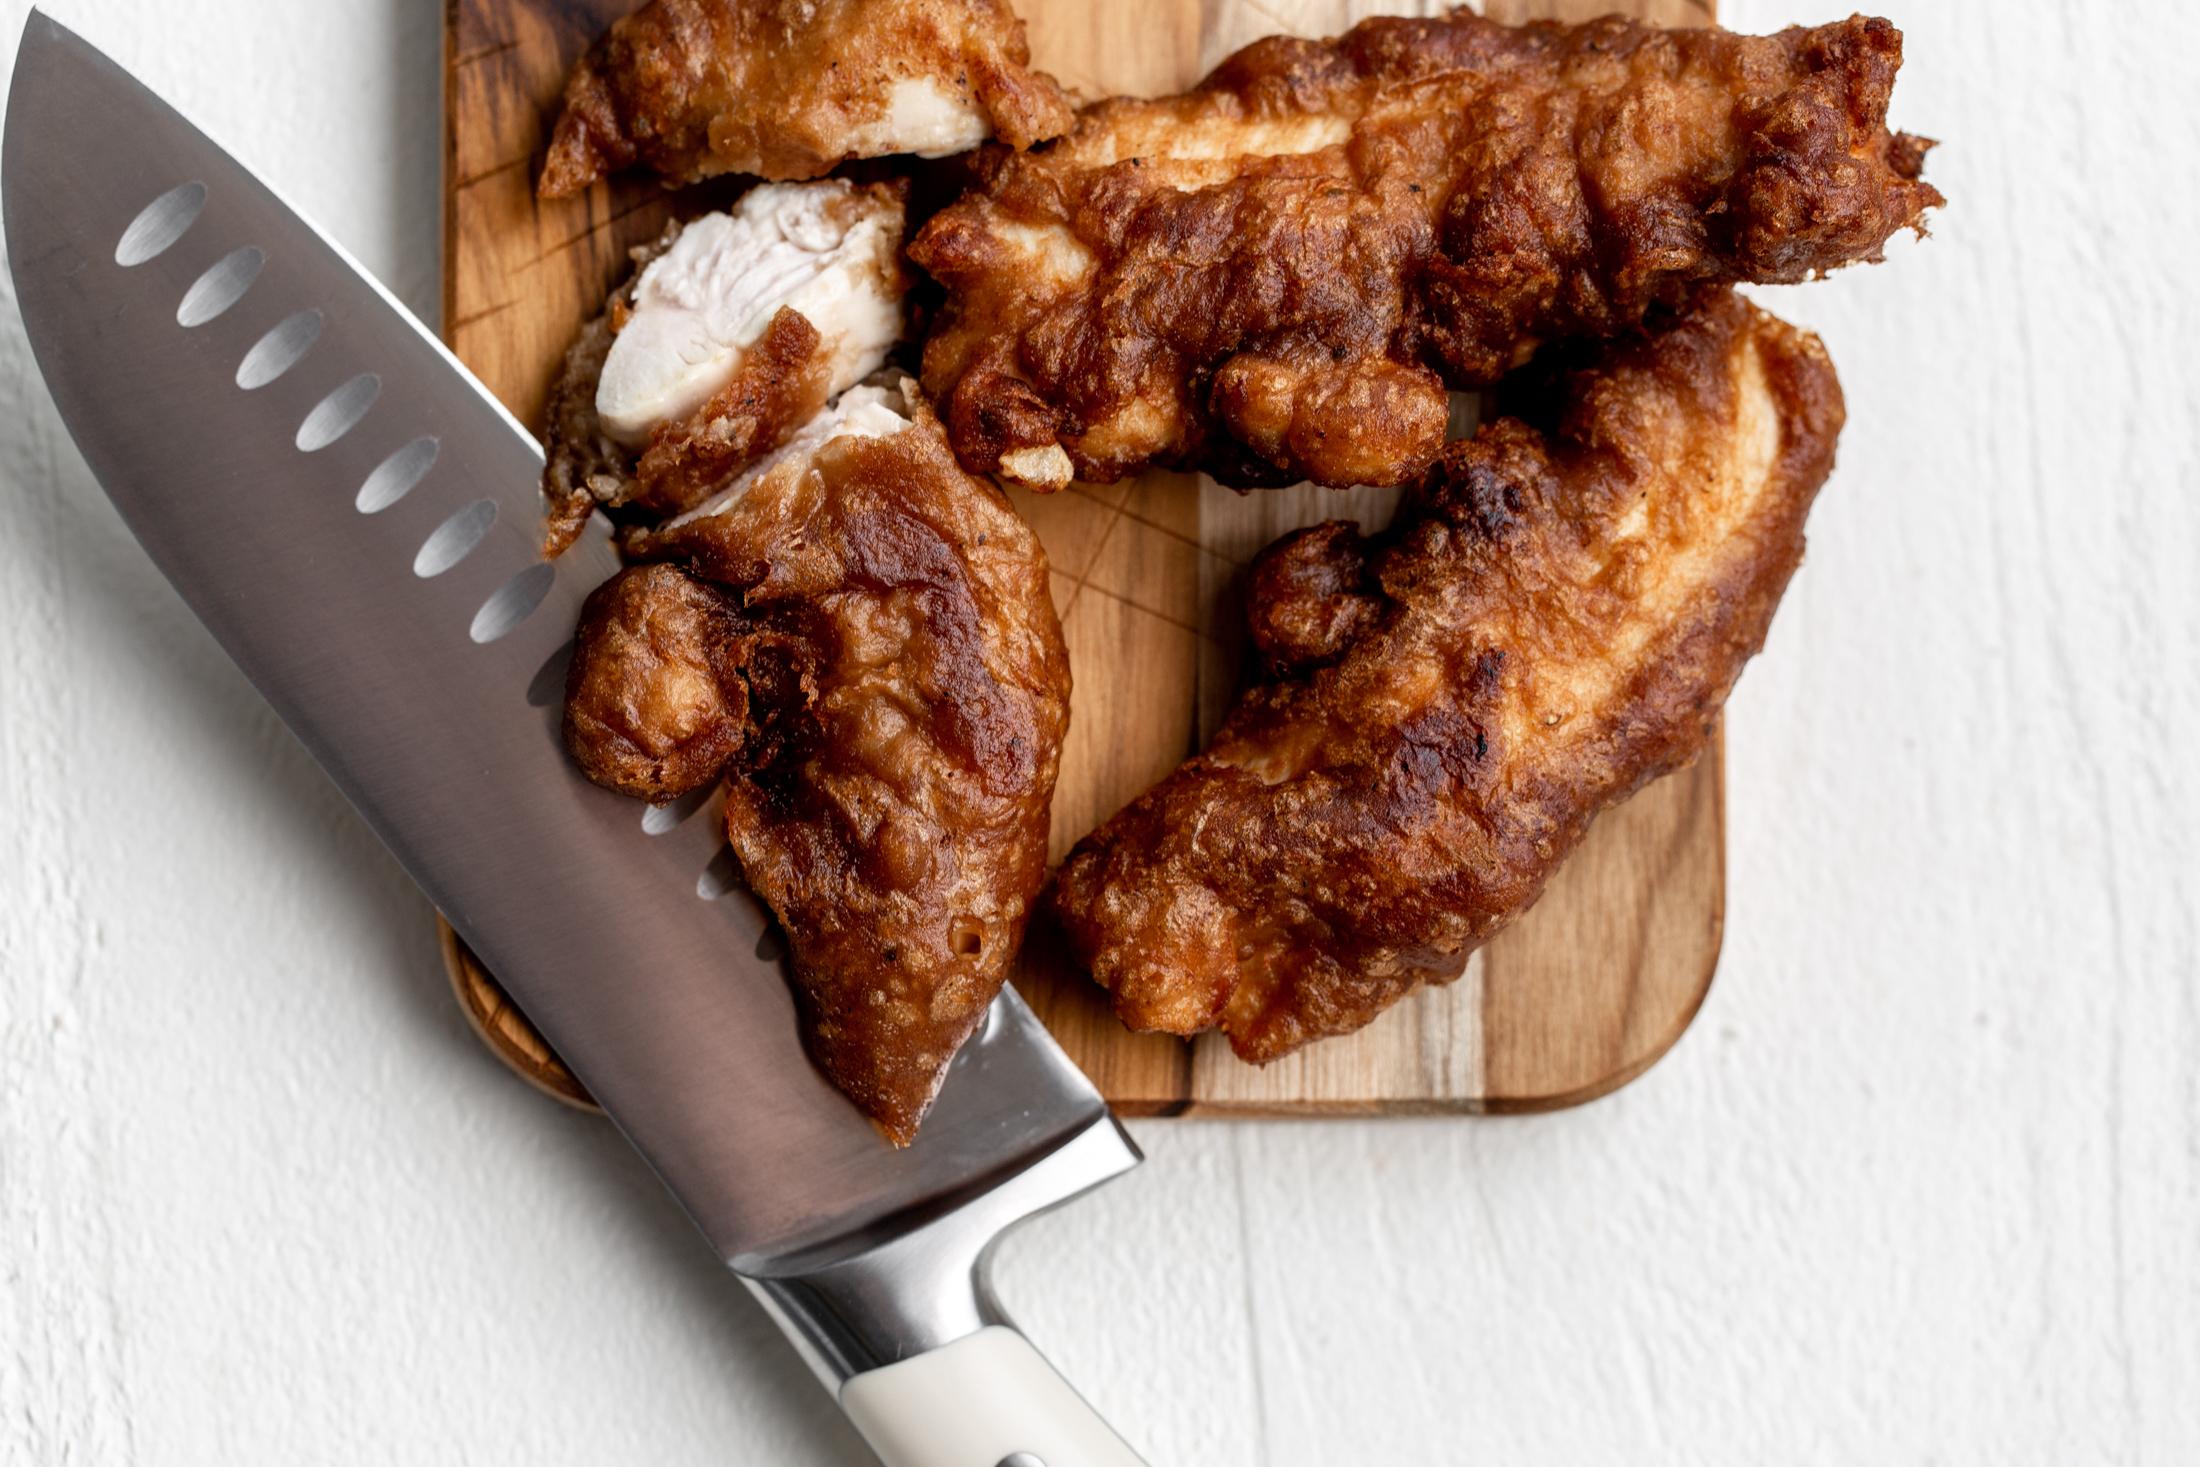 beer-battered fried chicken